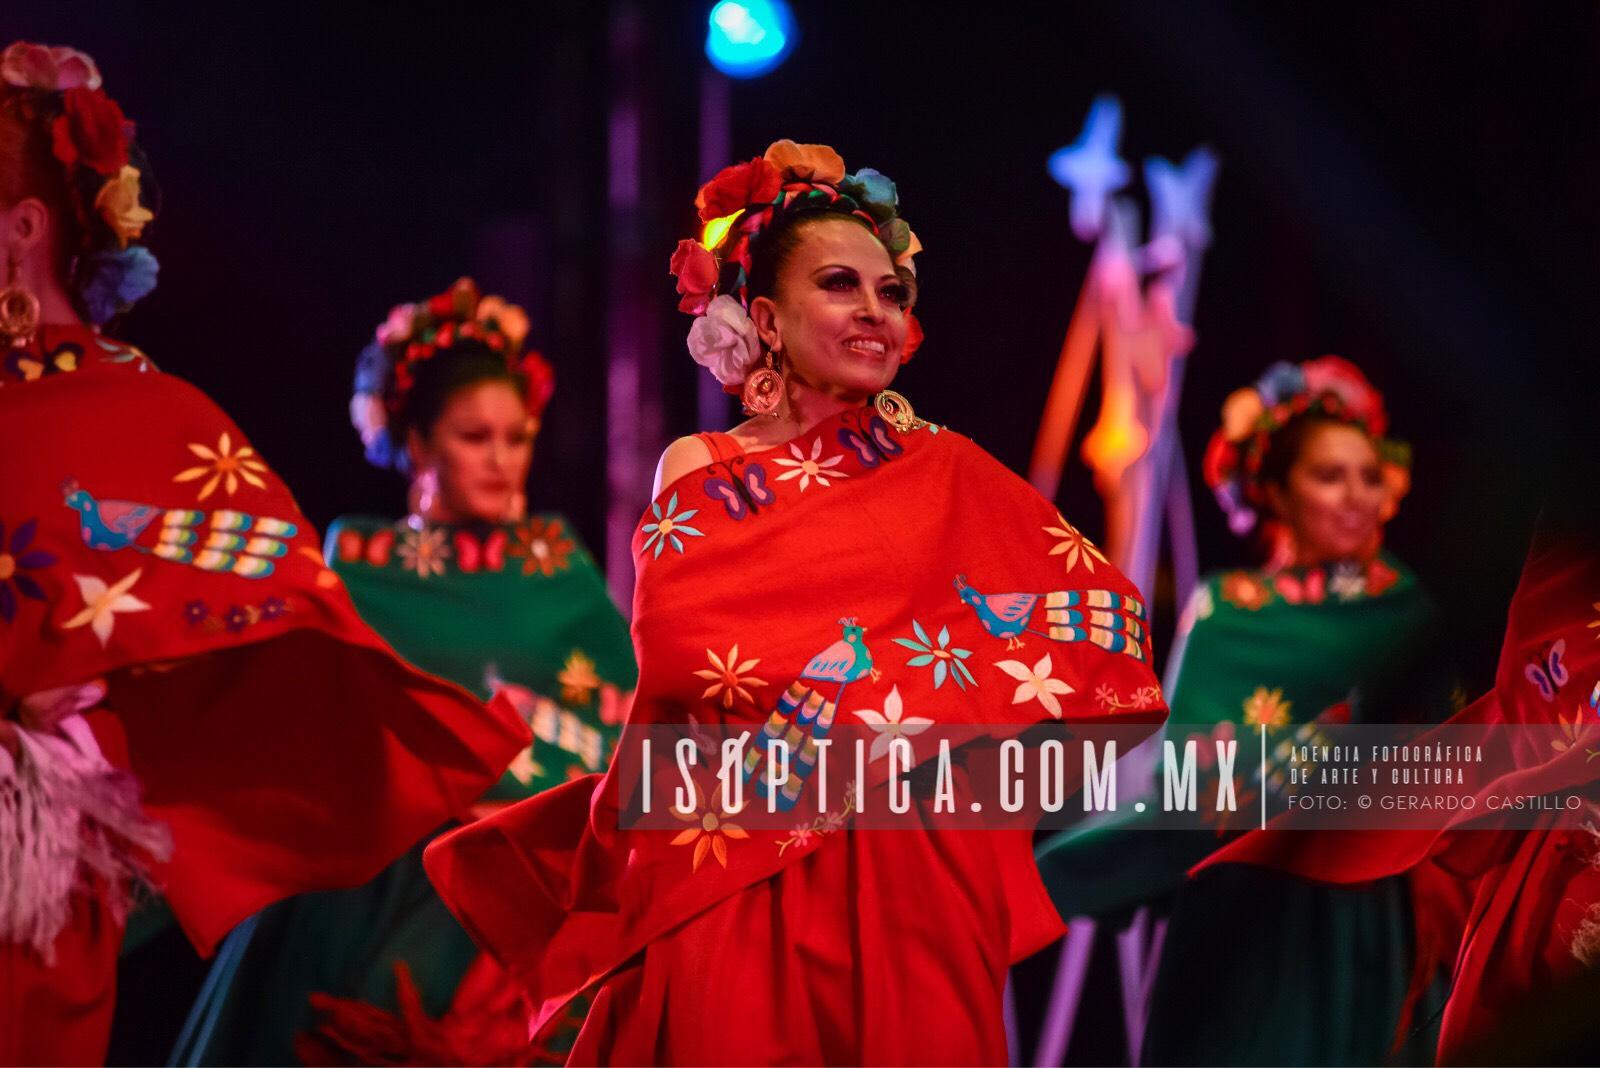 Ballet_FolcloricoEdoMex_Foto-GerardoCastillo-ISOPTICA_IMG_2654